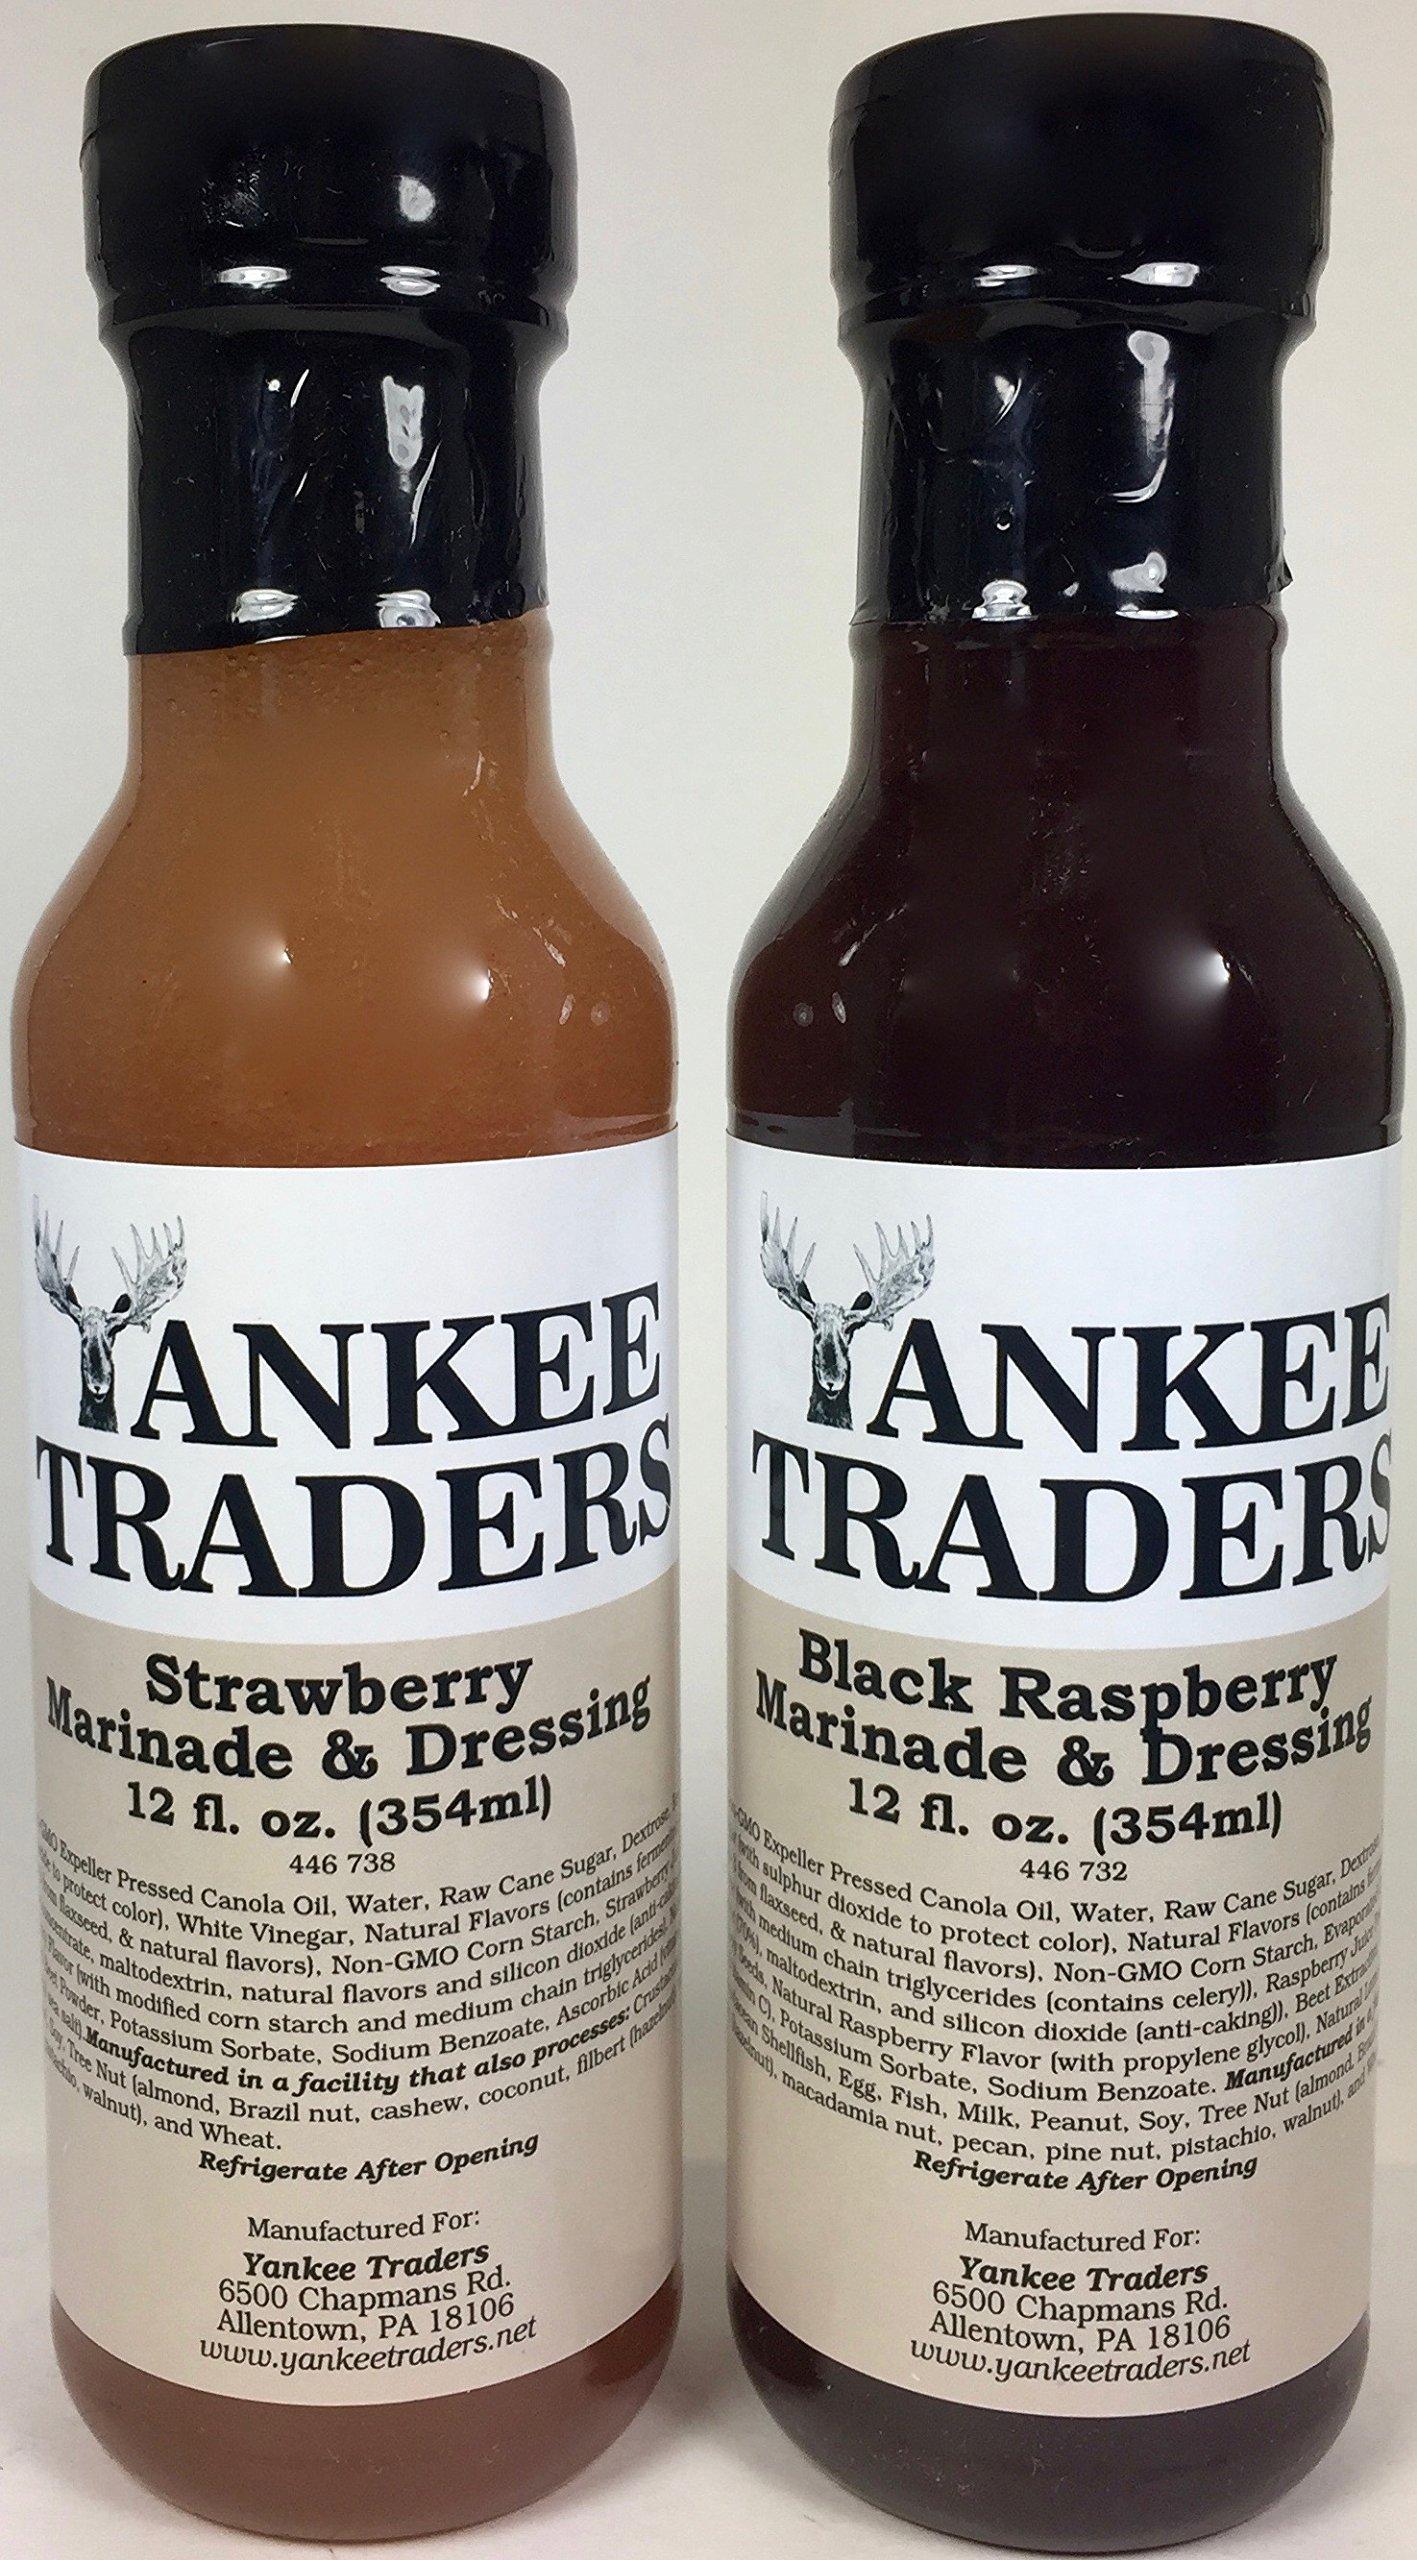 YANKEETRADERS Brand, Strawberry Vinaigrette, Black Raspberry Vinaigrette, Marinade (2 Pack)